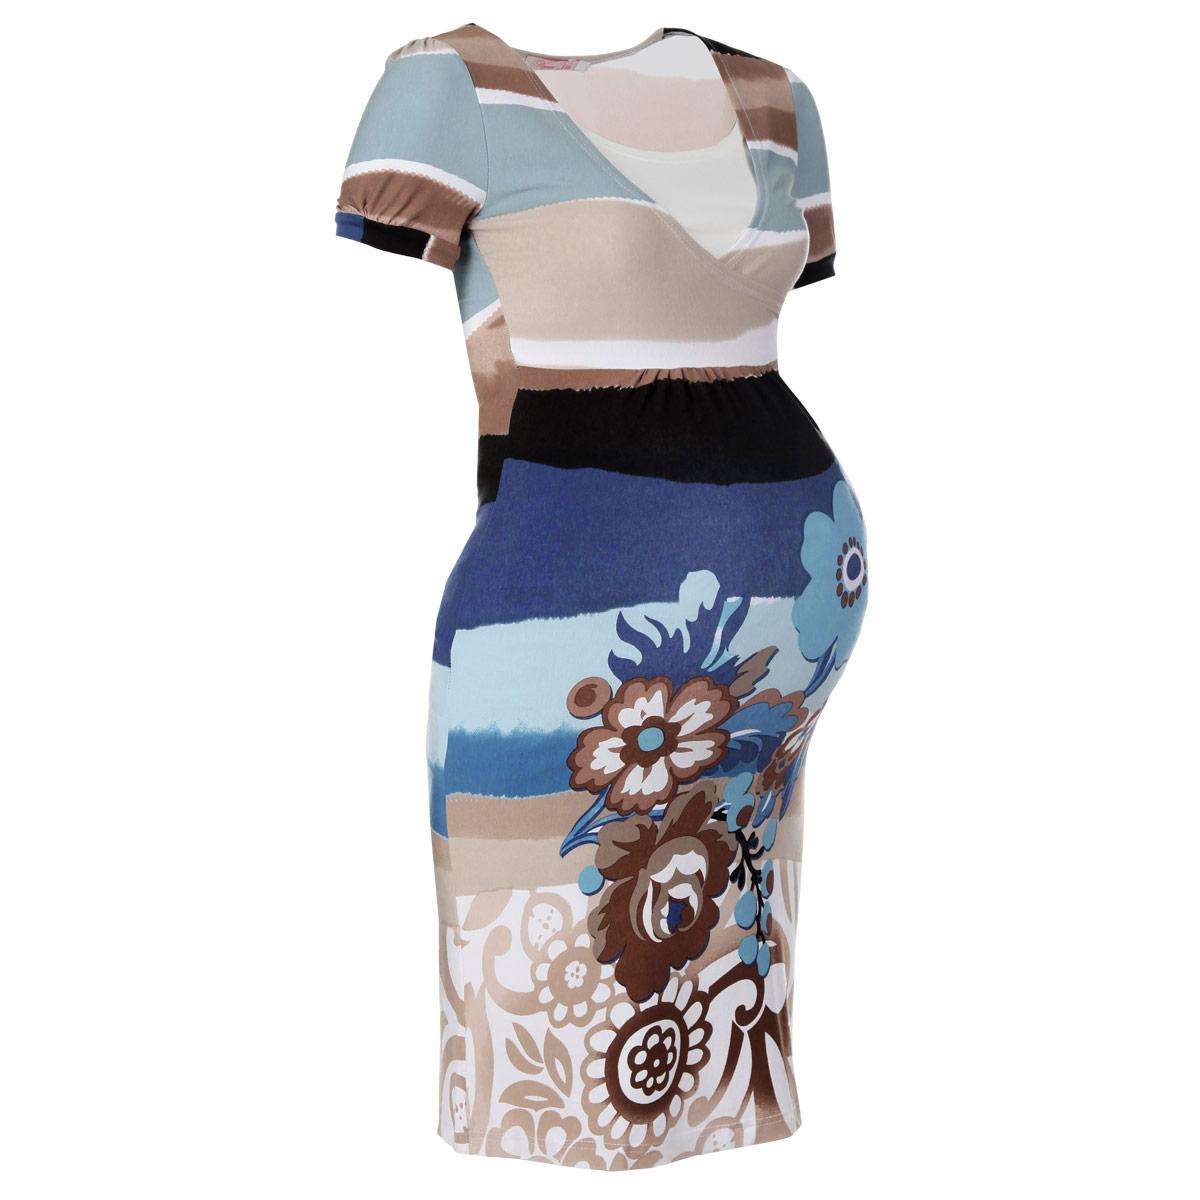 Платье2101Стильное и удобное платье для будущих и кормящих мам Nuova Vita, изготовленное из эластичной вискозы, женственно и элегантно. Платье с короткими рукавами-фонариками и круглым вырезом горловины подчеркнет очарование будущей мамы, а секрет для кормления сделает его функциональной в период вскармливания ребенка. Секрет кормления выполнен в виде внутренней майки. Платье оформлено крупными цветочным узором и присборено под грудью. Это легкое и невероятно приятное на ощупь платье можно носить во время беременности и после родов, оно подарит вам удобство и комфорт, и подчеркнет ваше очарование в этот прекрасный период вашей жизни! Вискоза является волокном, произведенным из натурального материала - целлюлозы (древесины). Иногда ее называют древесный шелк. Эта ткань на ощупь мягкая и приятная, образует красивые складки. Материал очень хорошо впитывает влагу, не образует катышек со временем, не выцветает на солнце и обладает приятным шелковистым блеском.